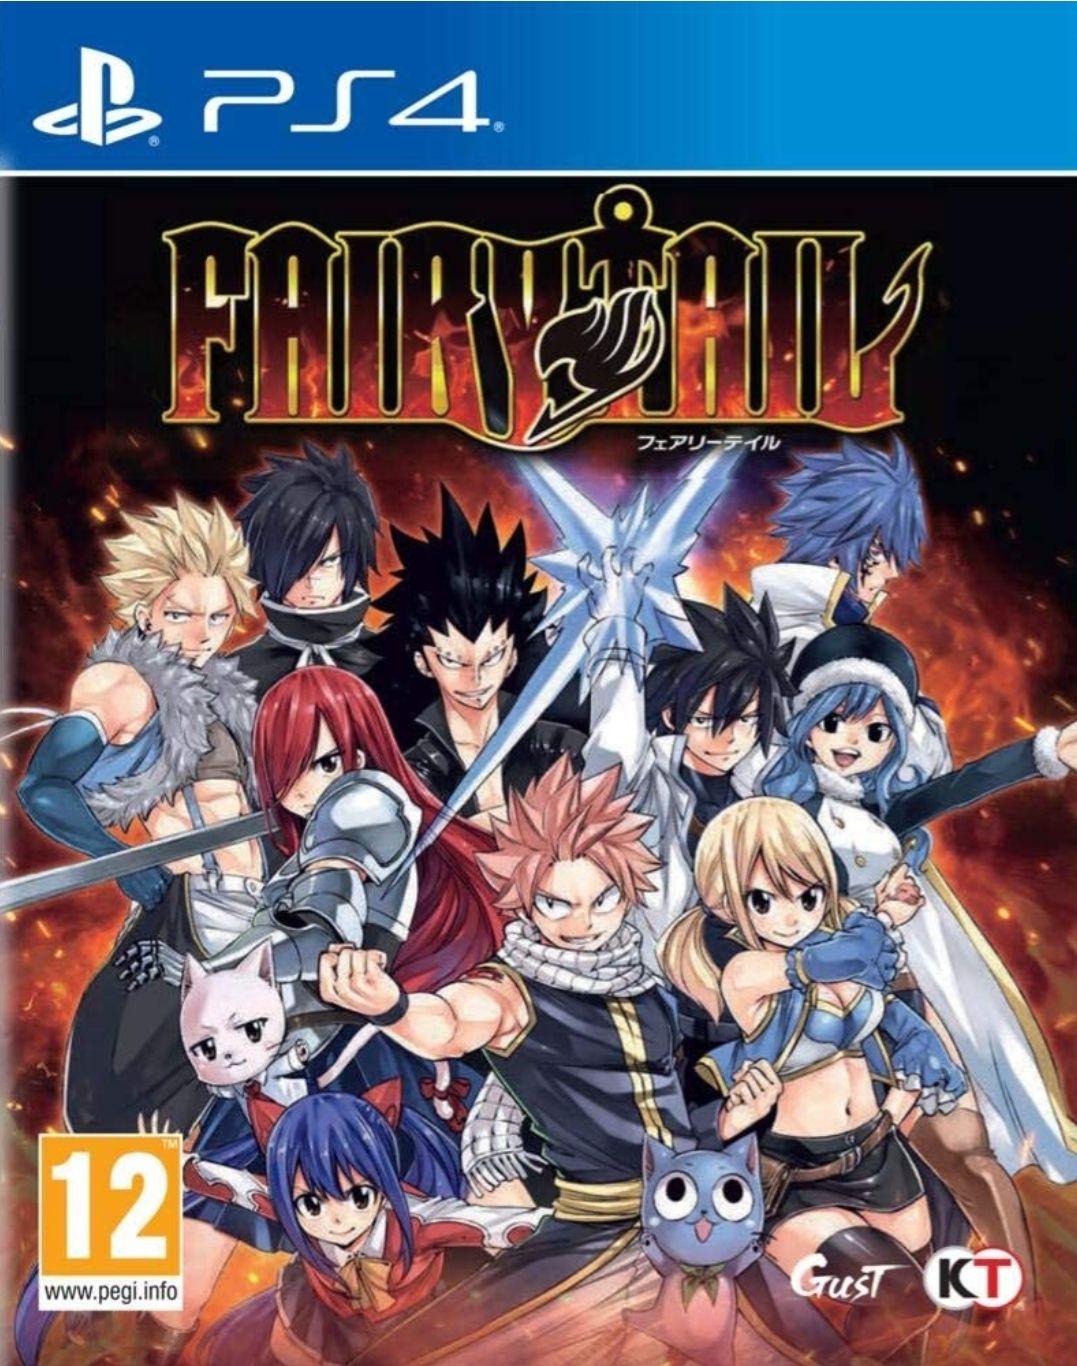 Jeu Fairy Tail sur PS4 (Frais d'importation et de port inclus)